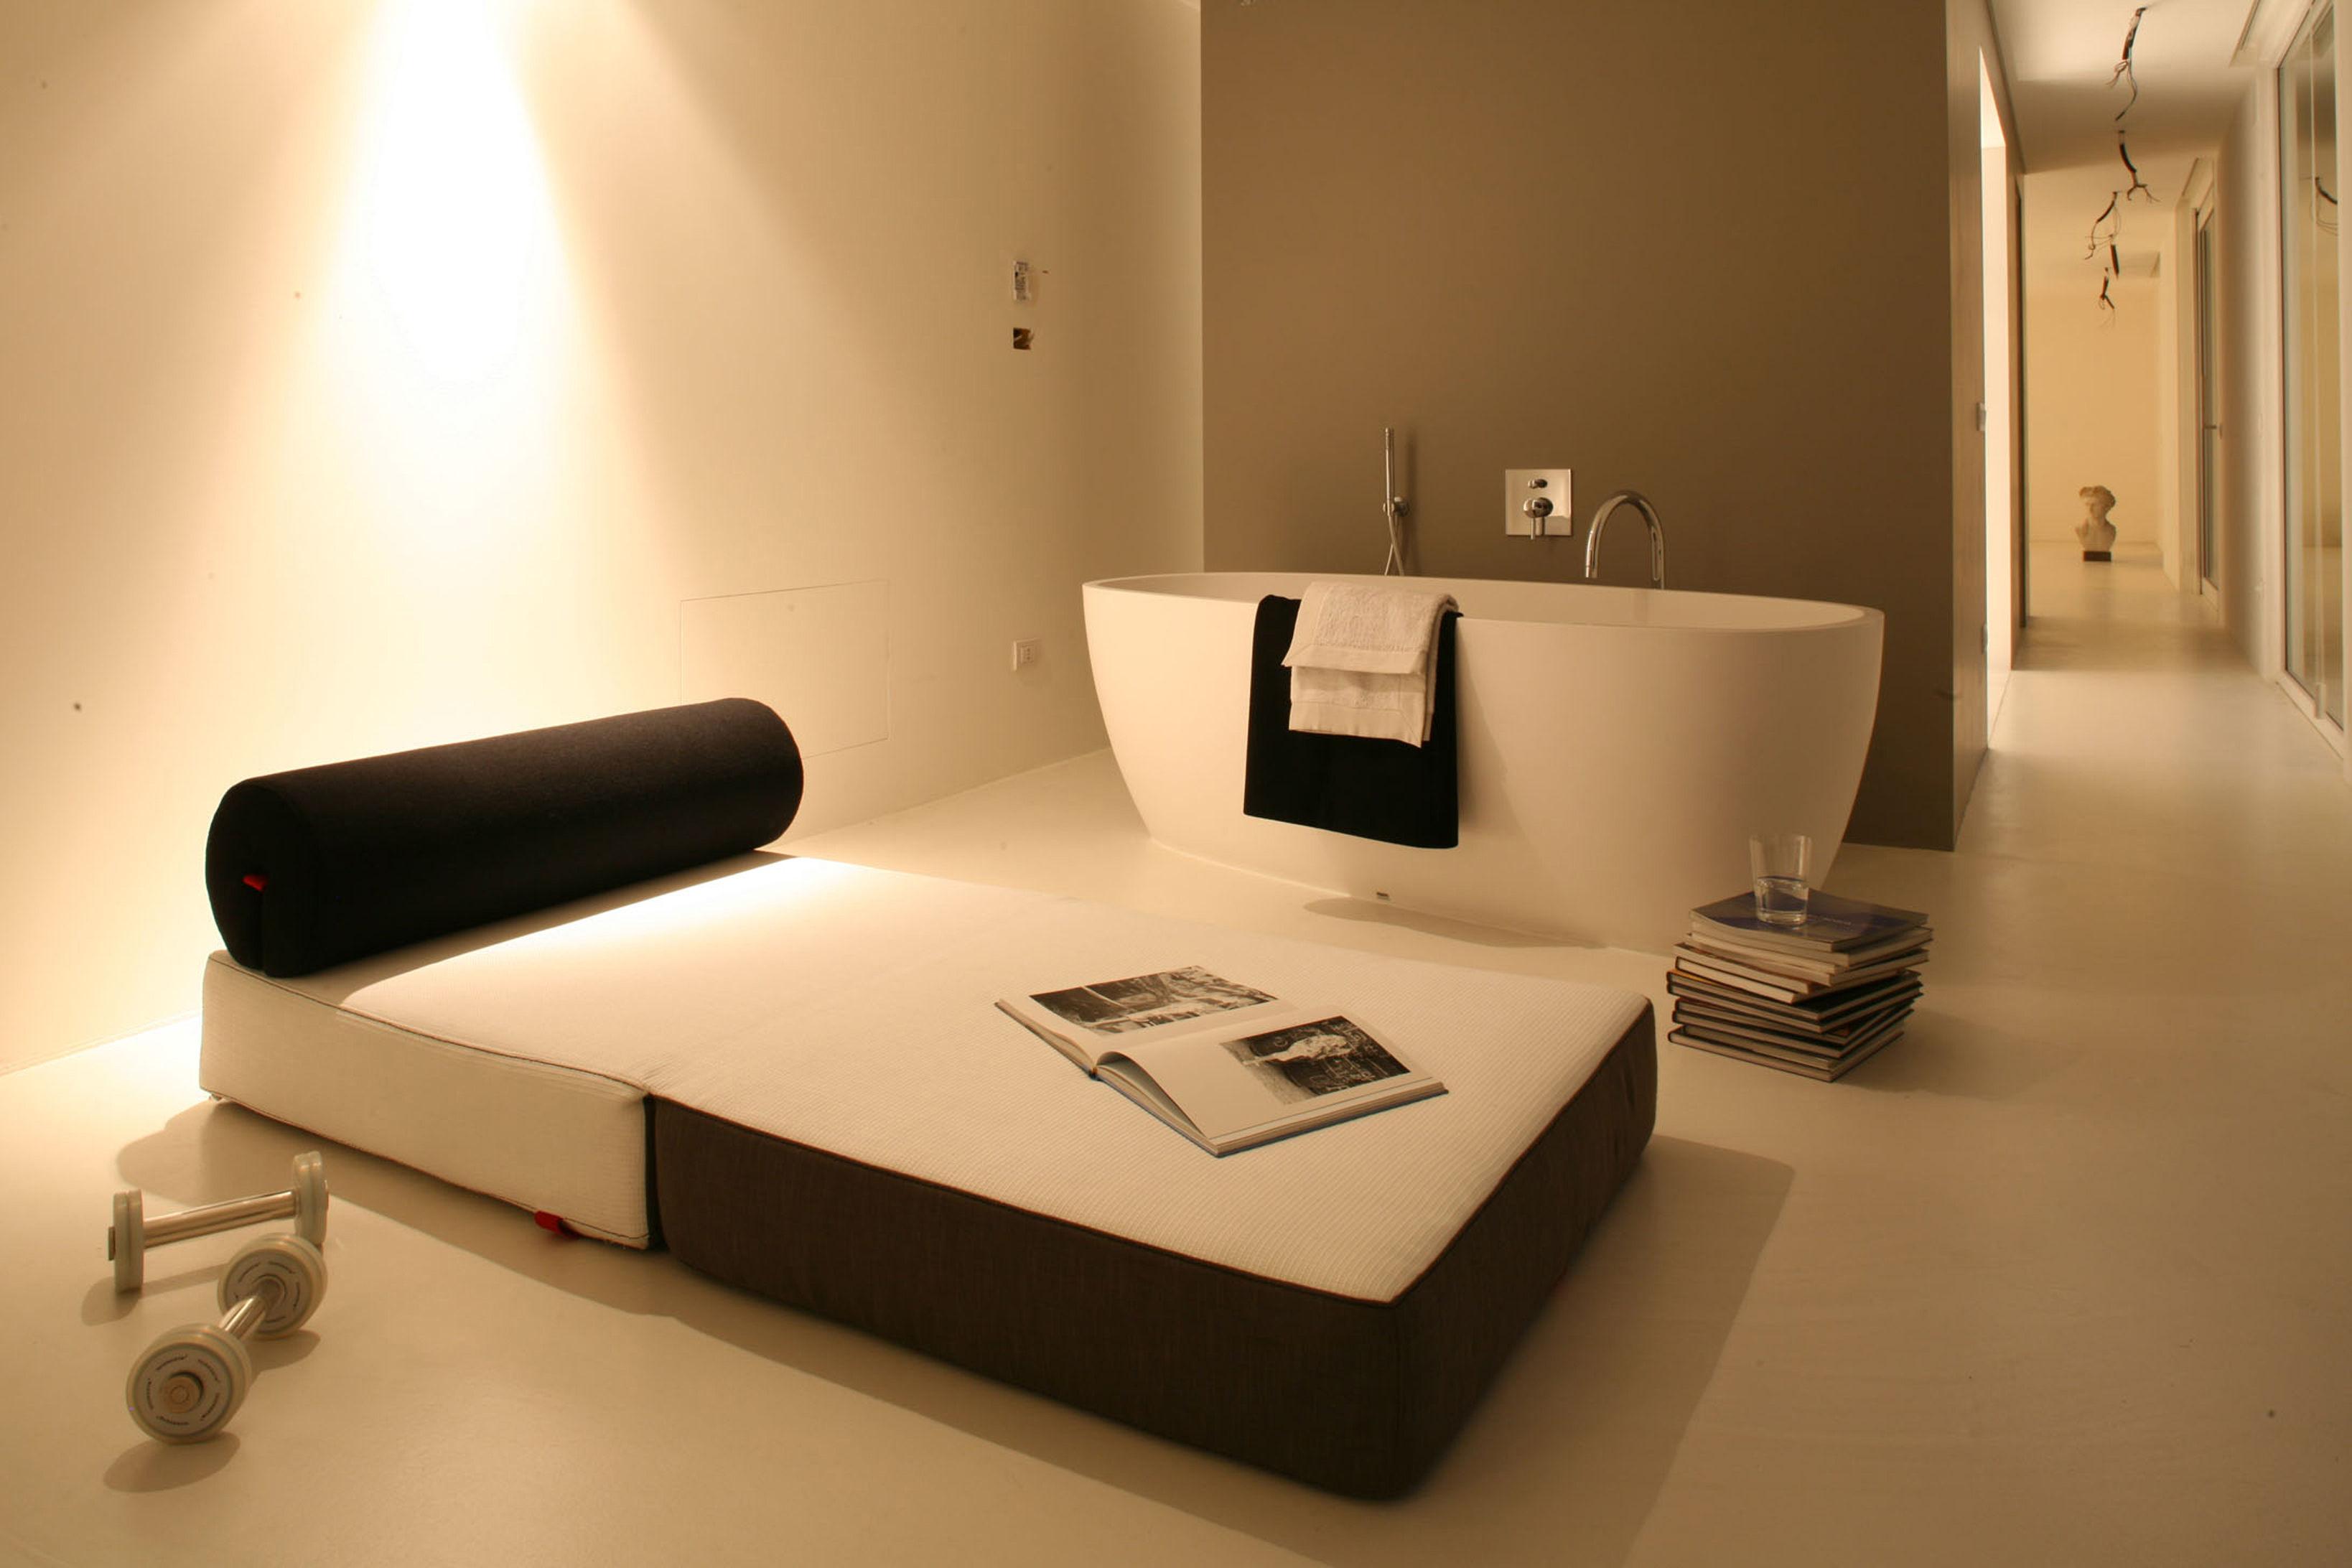 casamania fauteuil lea 2 transformable en lit d 39 appoint gris ebay. Black Bedroom Furniture Sets. Home Design Ideas